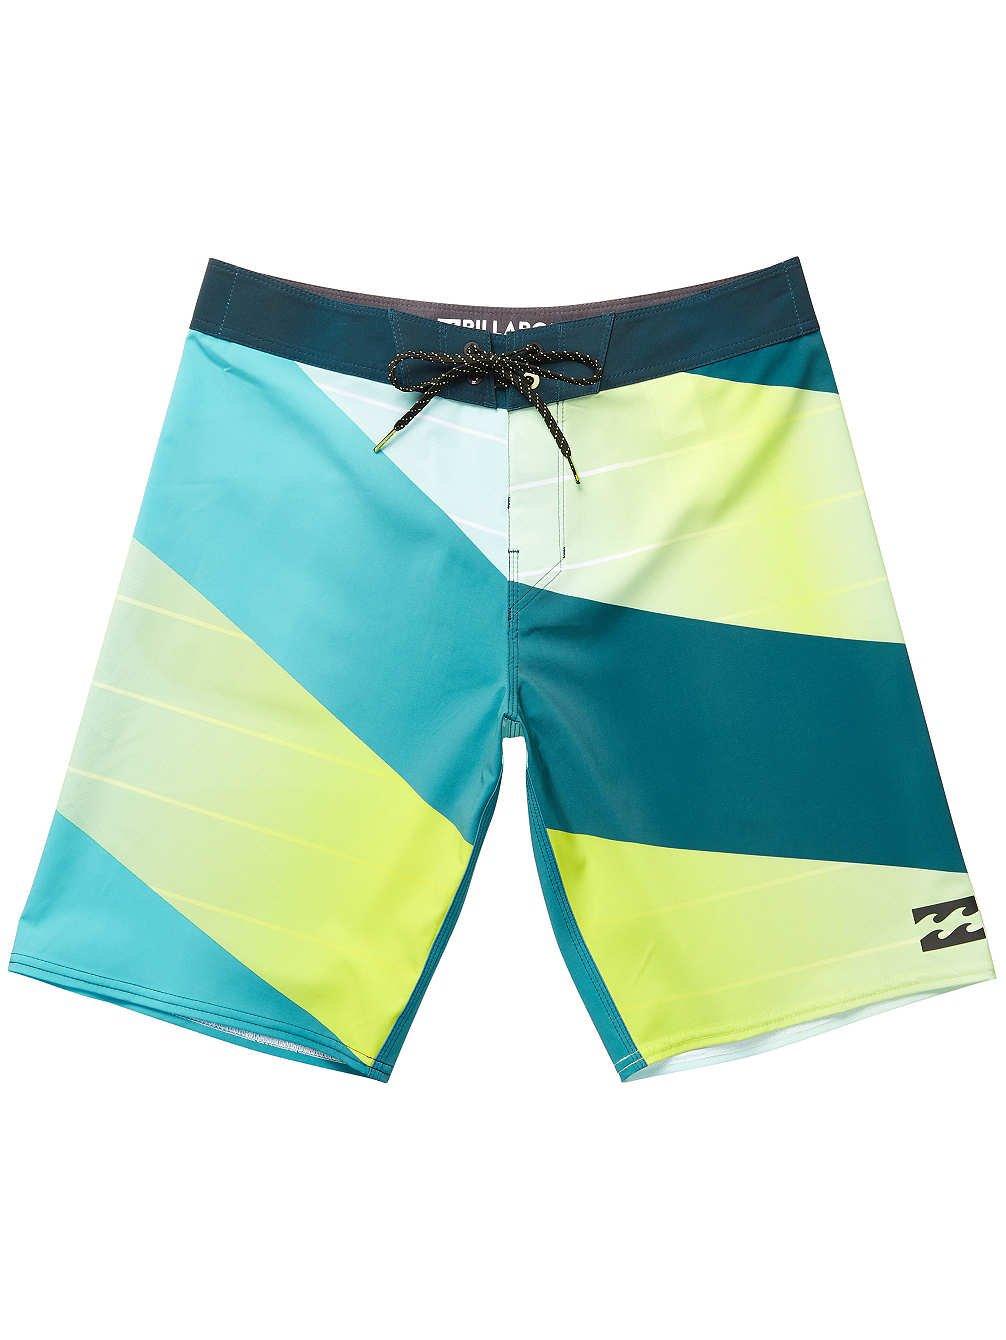 Billabong Prodigy X 20 Shorts Badeshorts